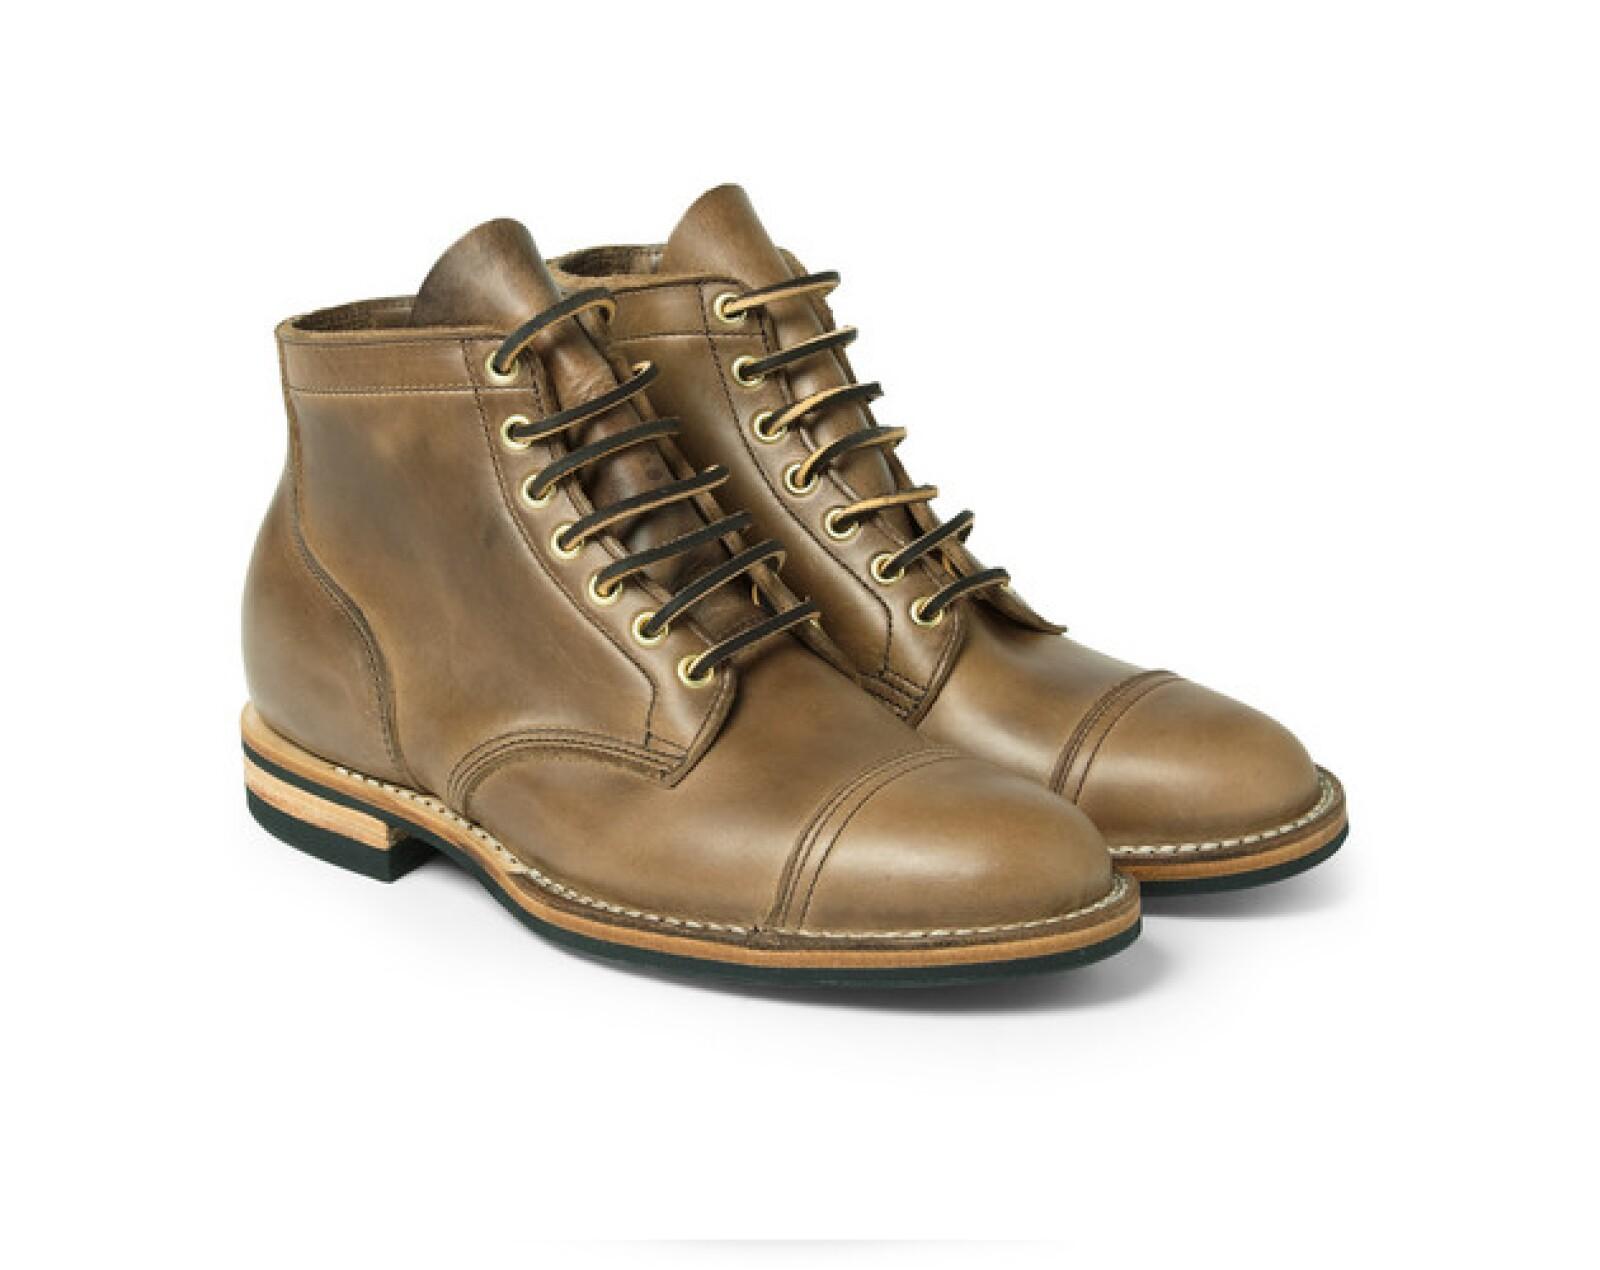 Como ya lo habíamos mencionado, el calzado es muy importante en invierno. Por eso te recomendamos comprar unas botas.